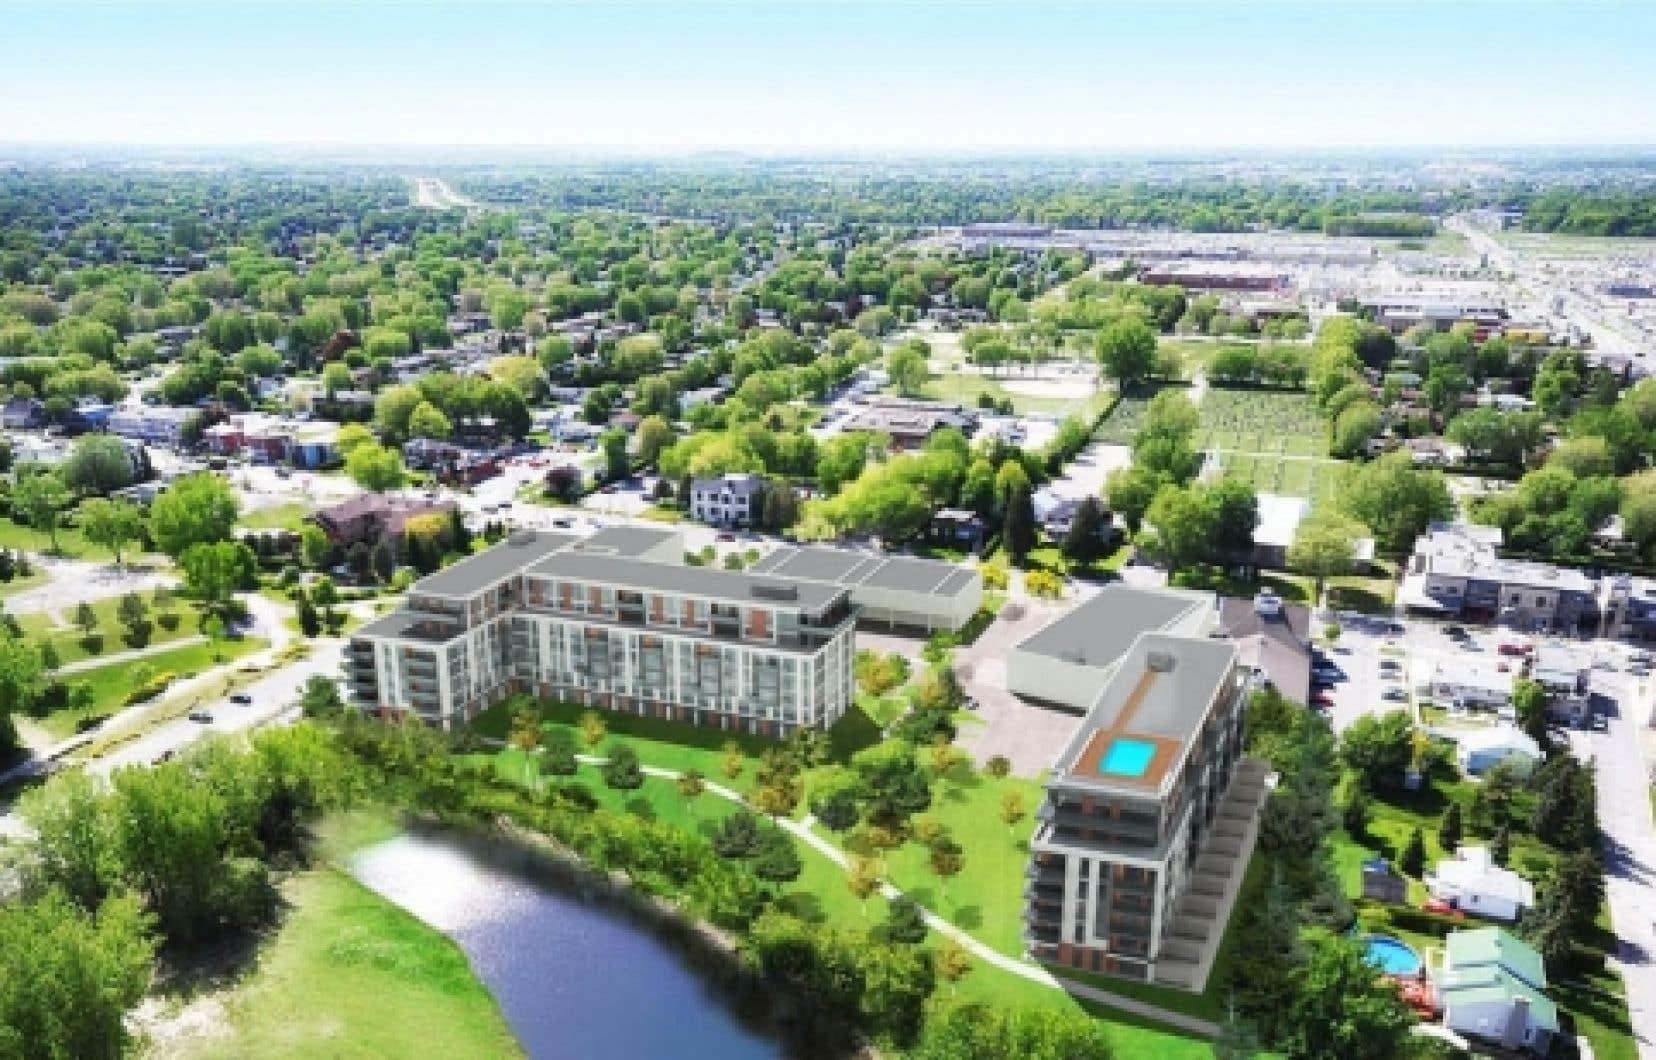 C'est au coeur du Vieux-Repentigny que Pur Immobilia a choisi de construire l'Altéa, qui comprendra une soixantaine de condominiums.